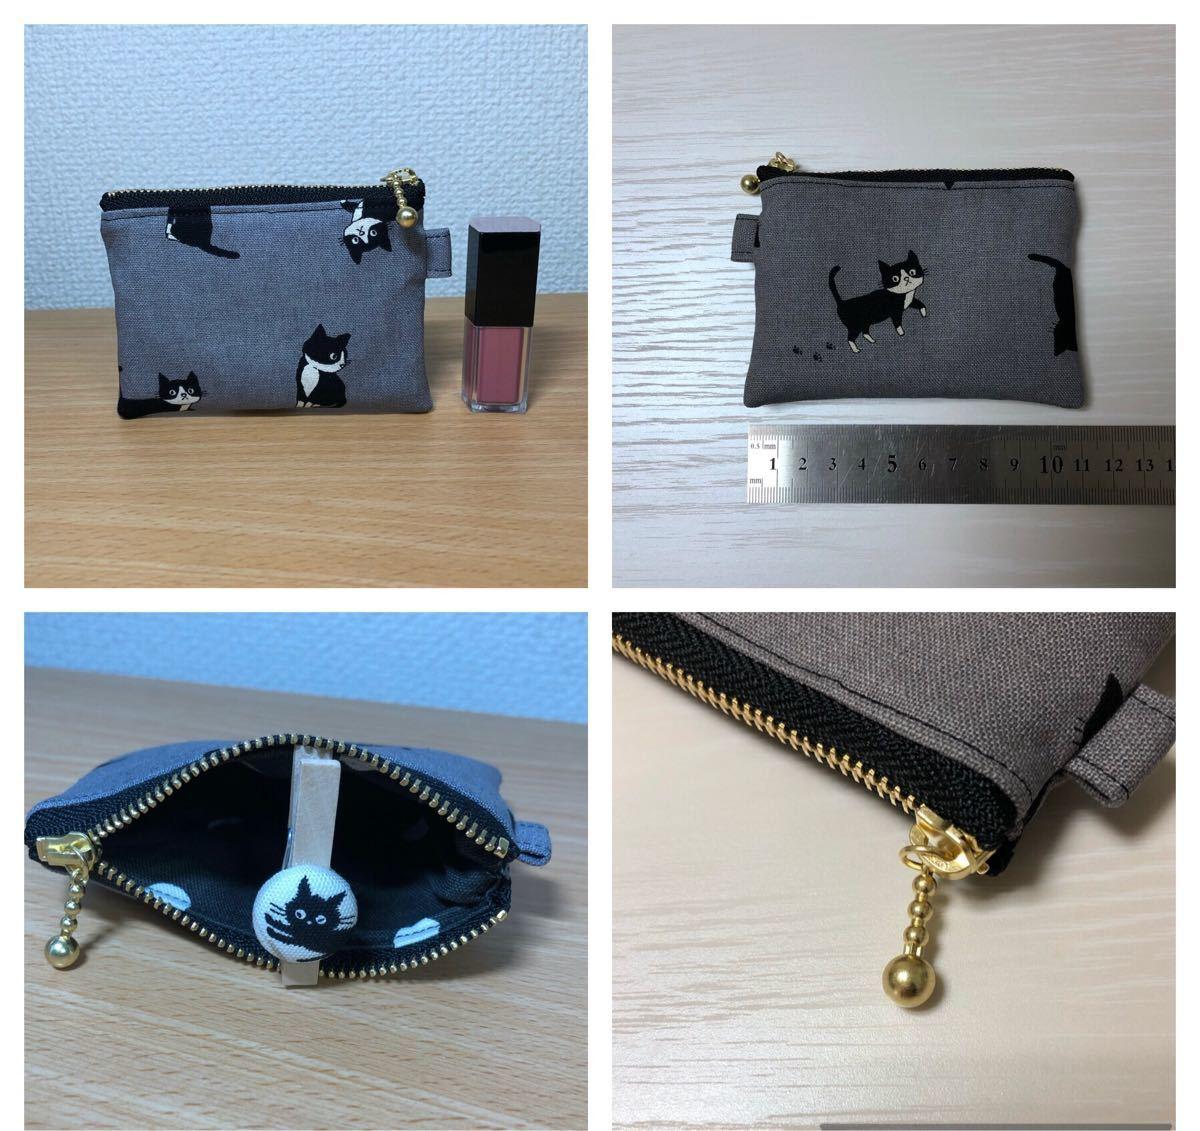 ハンドメイド ミニトートバッグ&ミニポーチ 2色セット